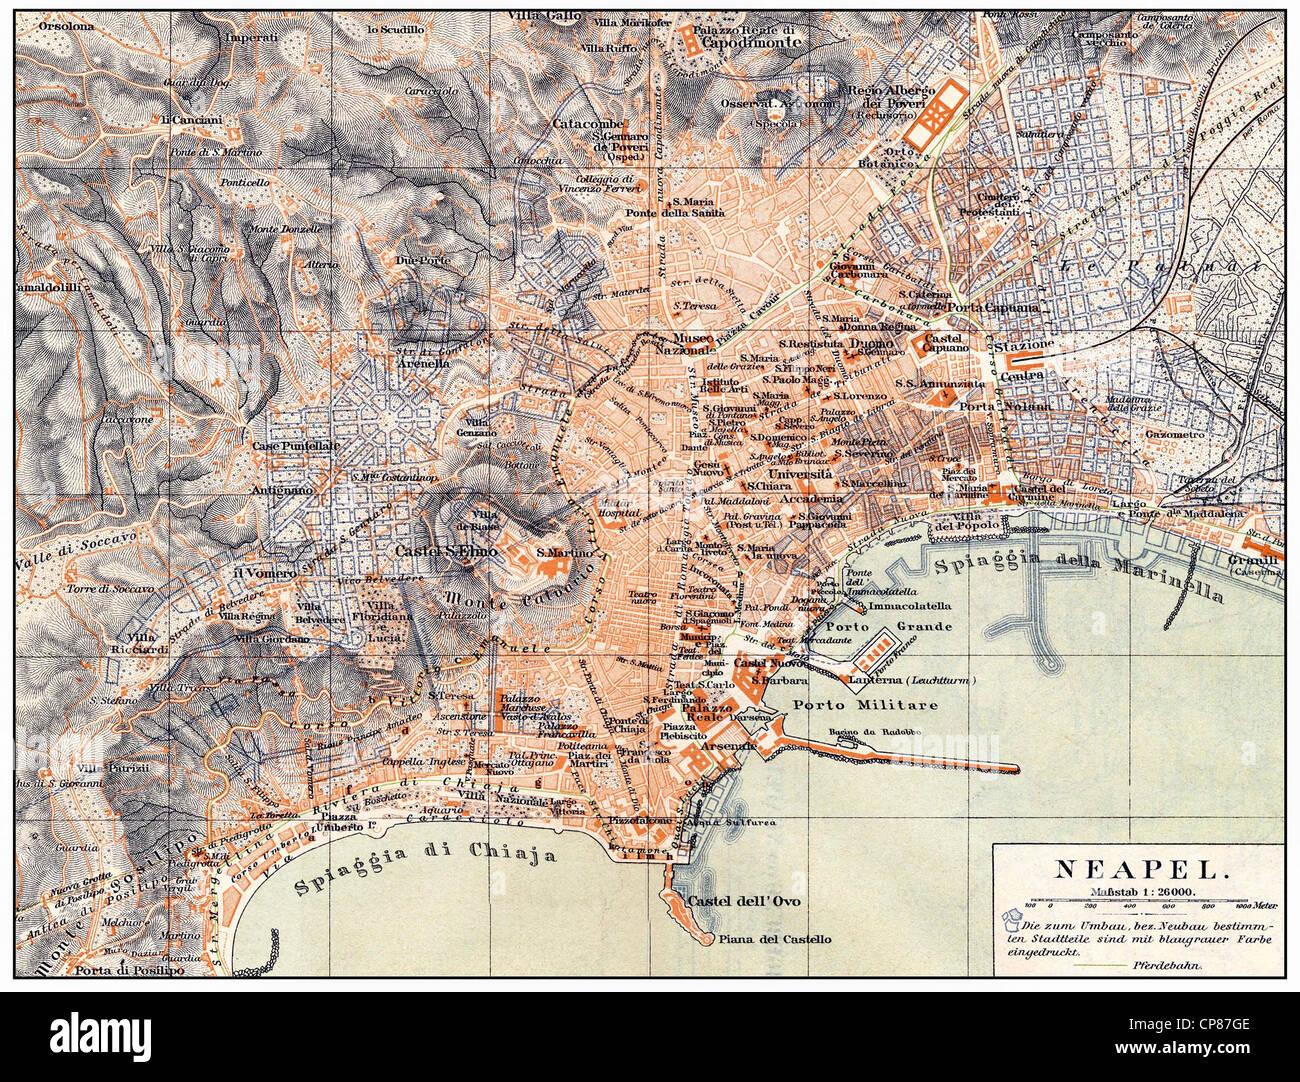 Historische Karte von Neapel und Umgebung, Italien, 19. Jahrhundert, Historische, Zeichnerische Darstellung, Landkarte, Stockbild